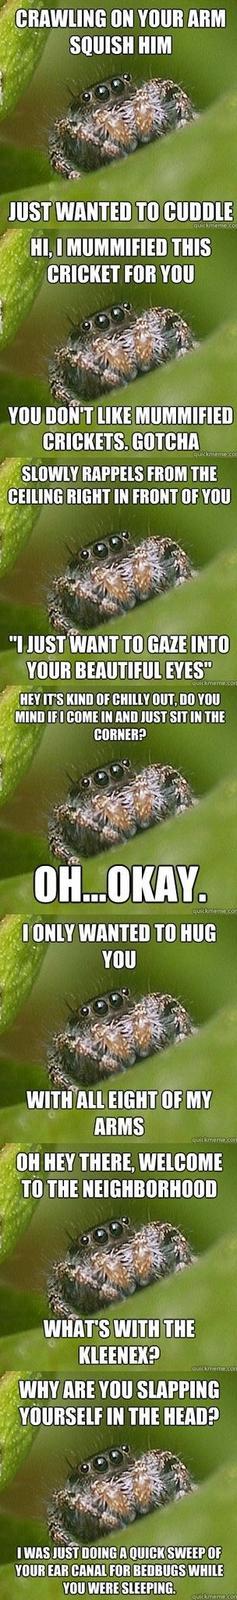 Missunderstood spider